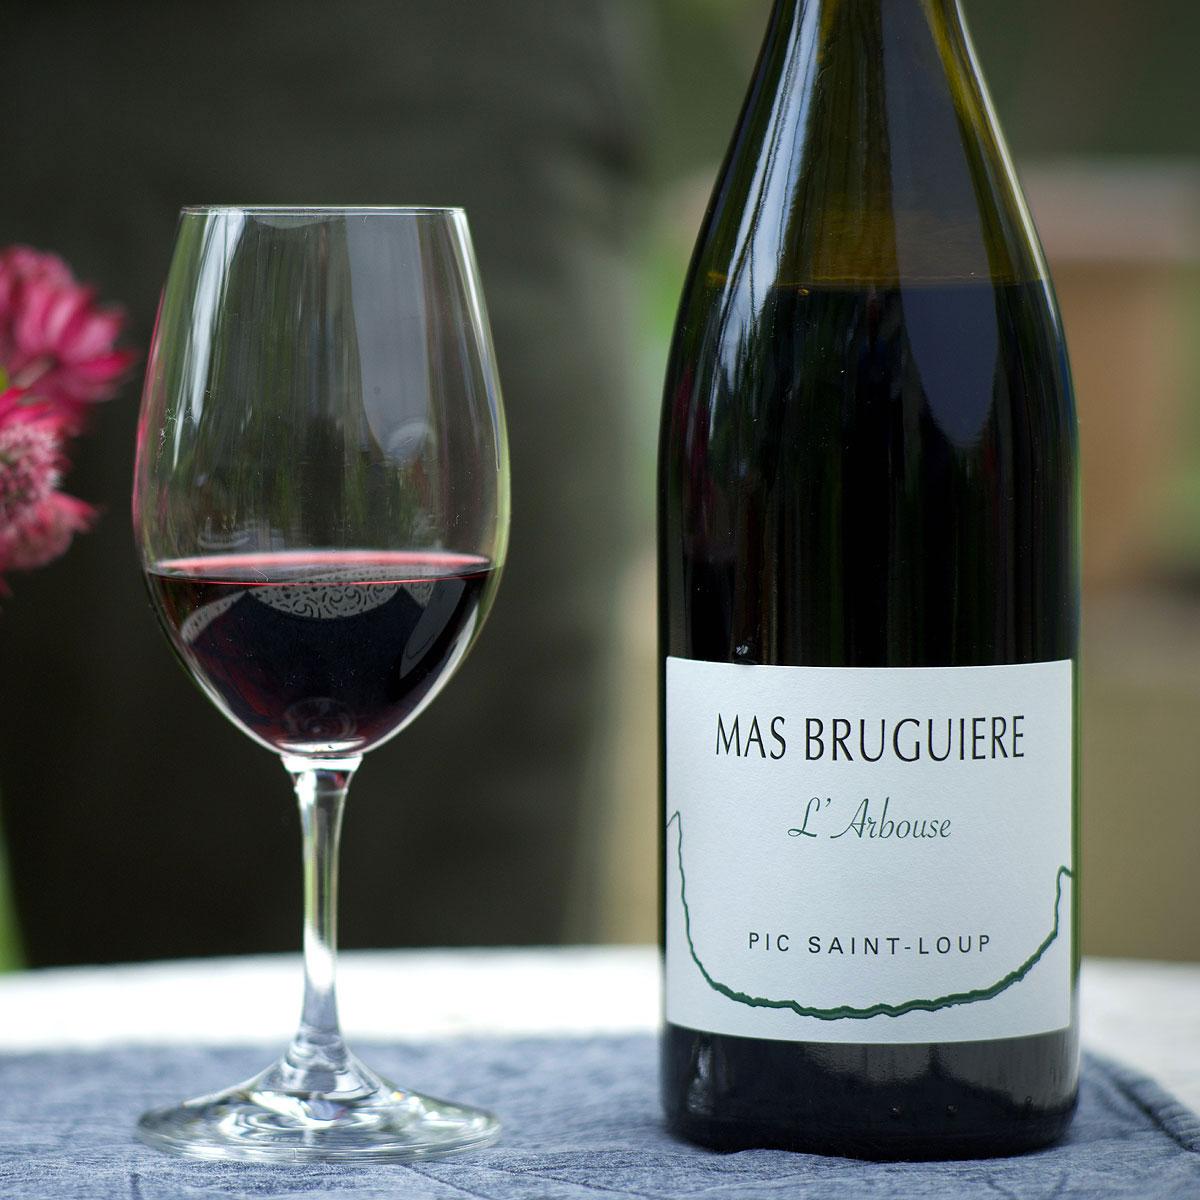 Pic Saint-Loup: Mas Bruguière 'l'Arbouse' 2019 - Lifestyle